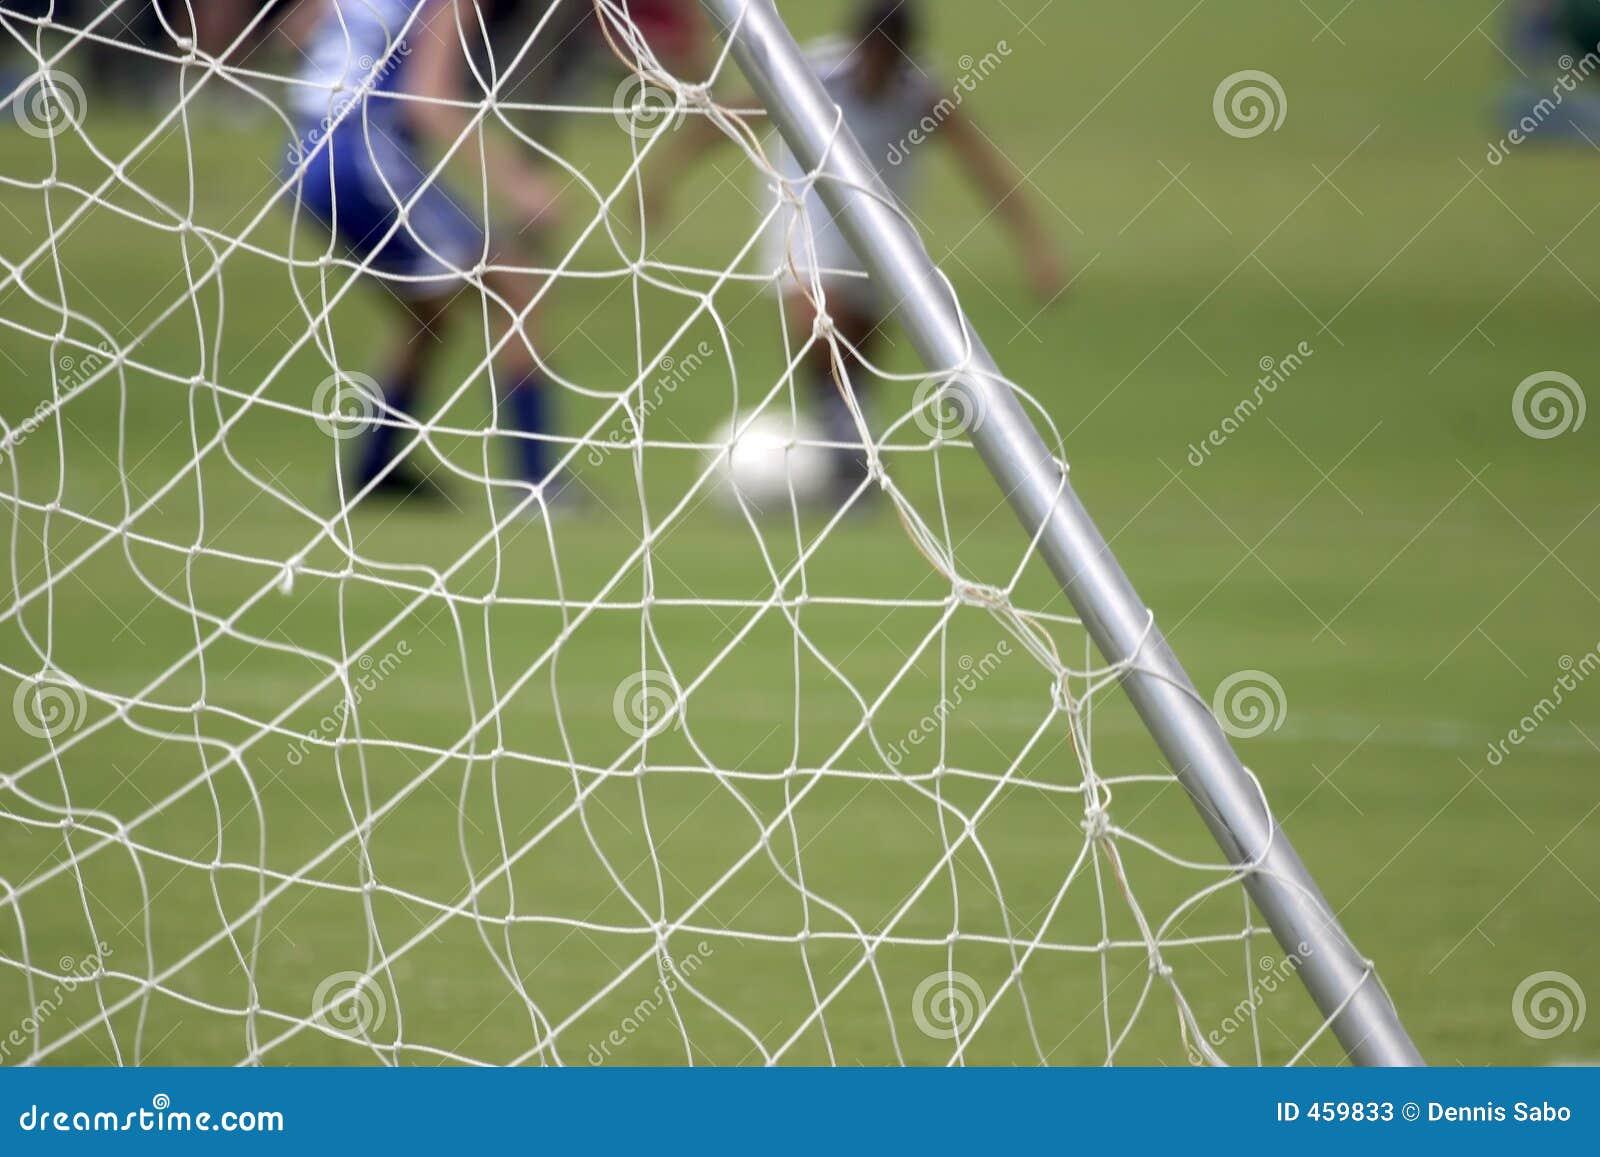 Piłka nożna netto